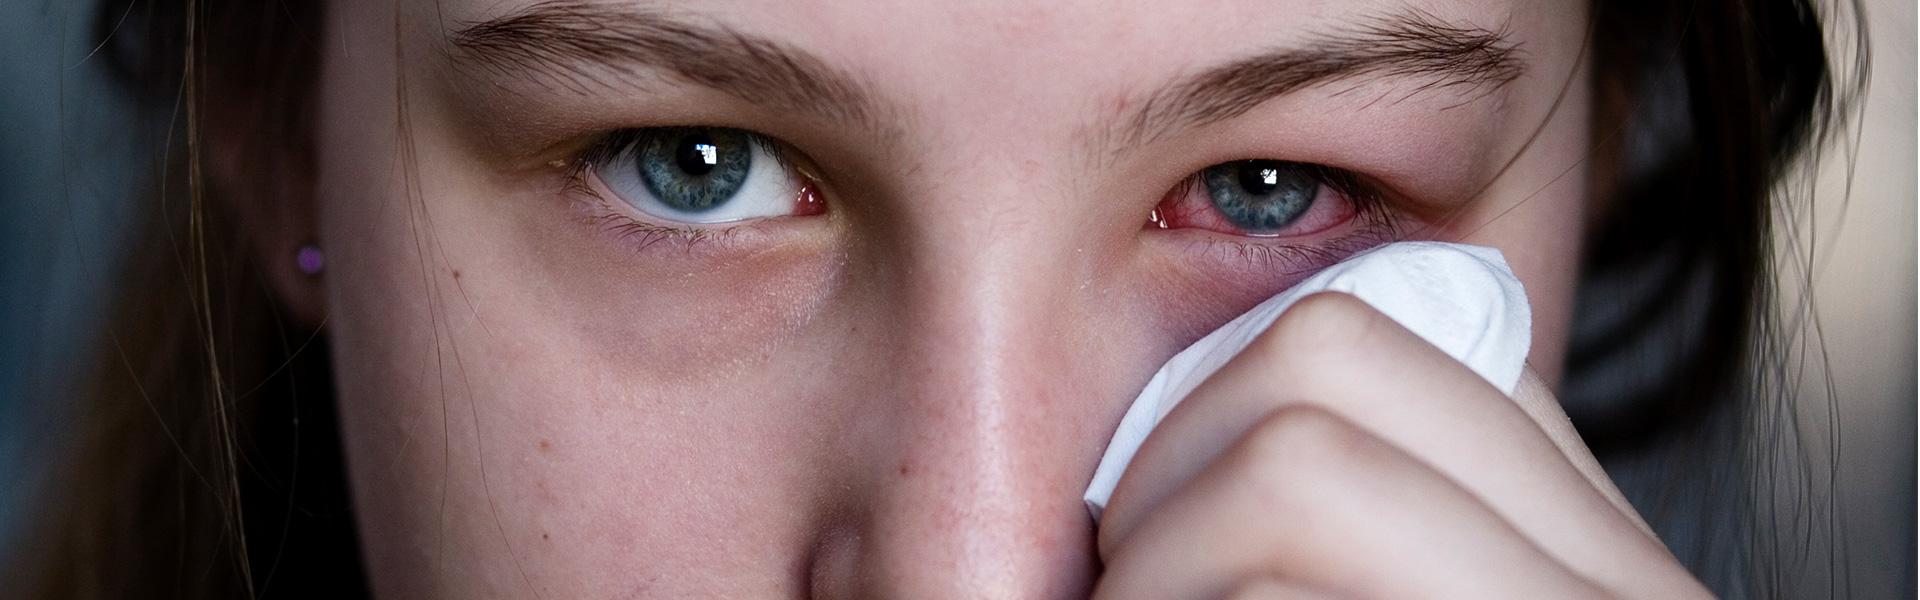 Oczy zwierciadłem duszy i… alergii!